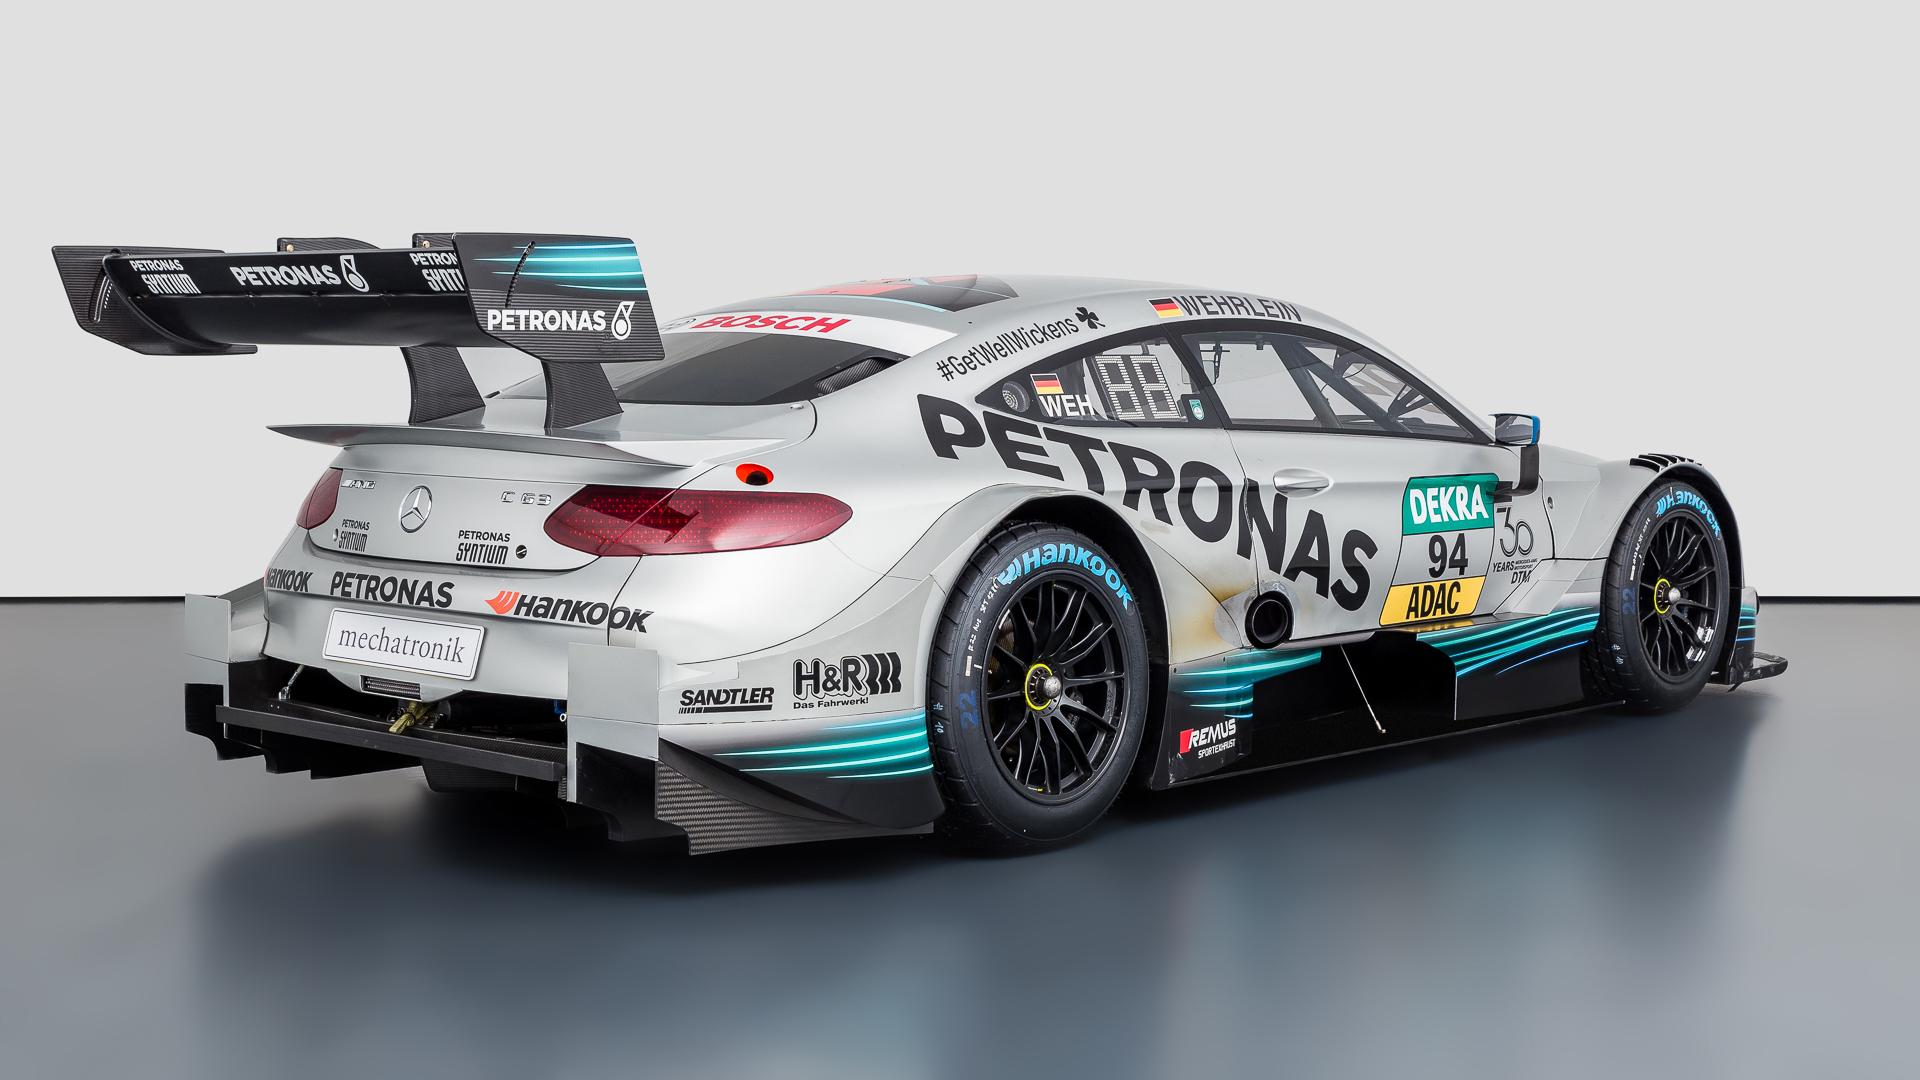 Originales AMG DTM Fahrzeug der Saison 2018 steht zum Verkauf